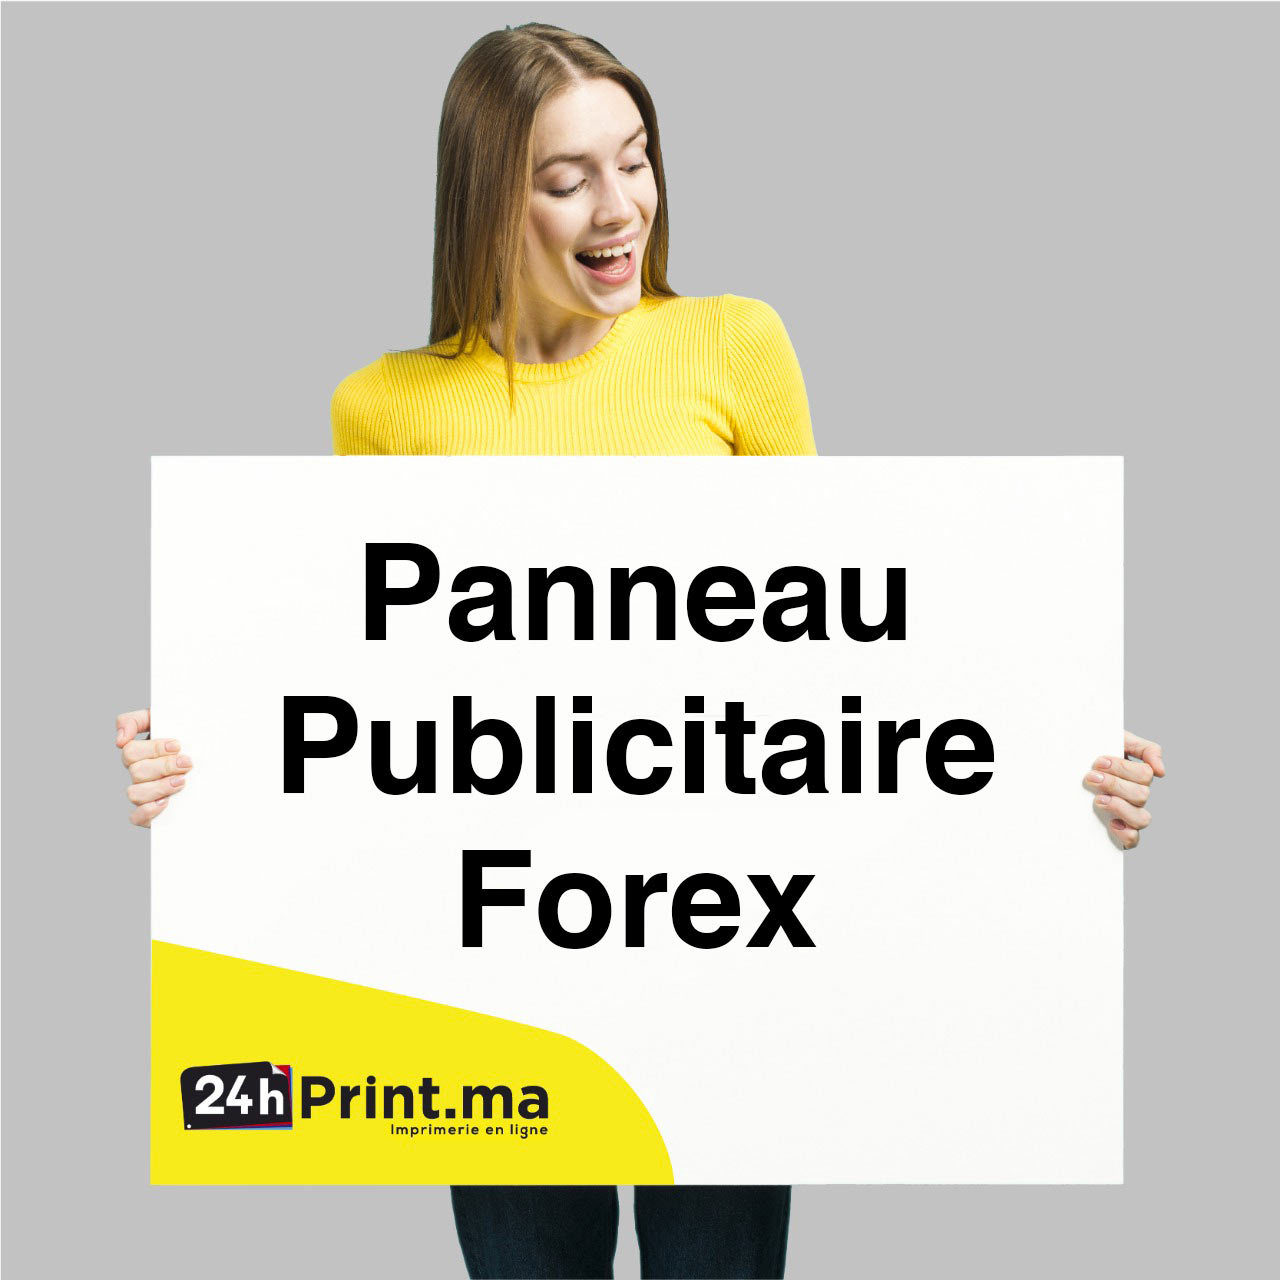 Panneau Publicitaire > Forex